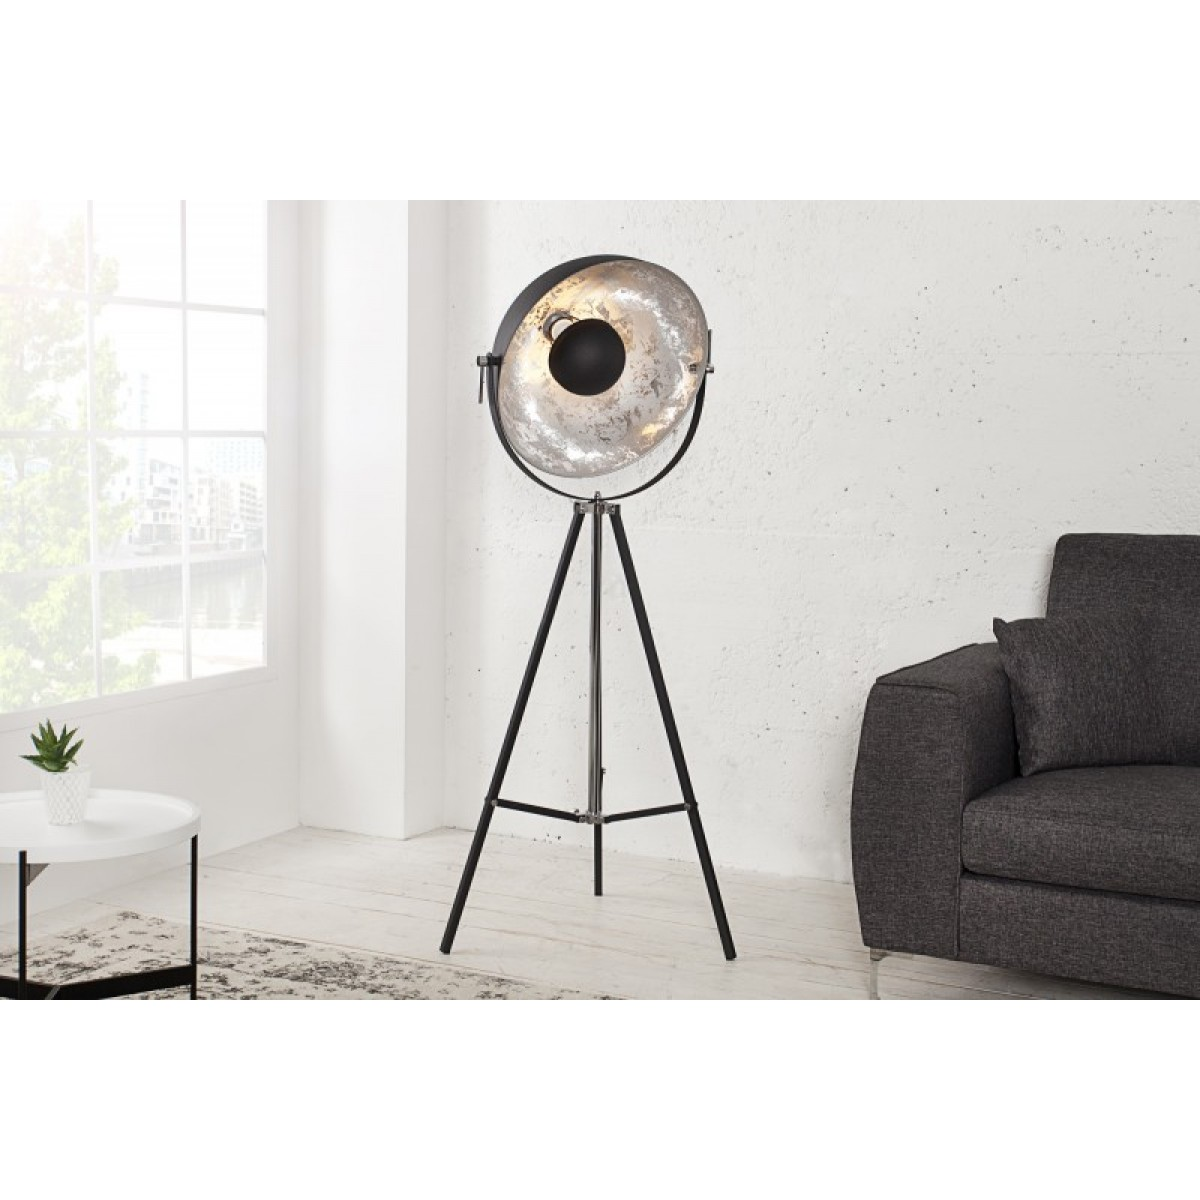 stehleuchte spot schwarz silber stehlampe schwarz industrie. Black Bedroom Furniture Sets. Home Design Ideas